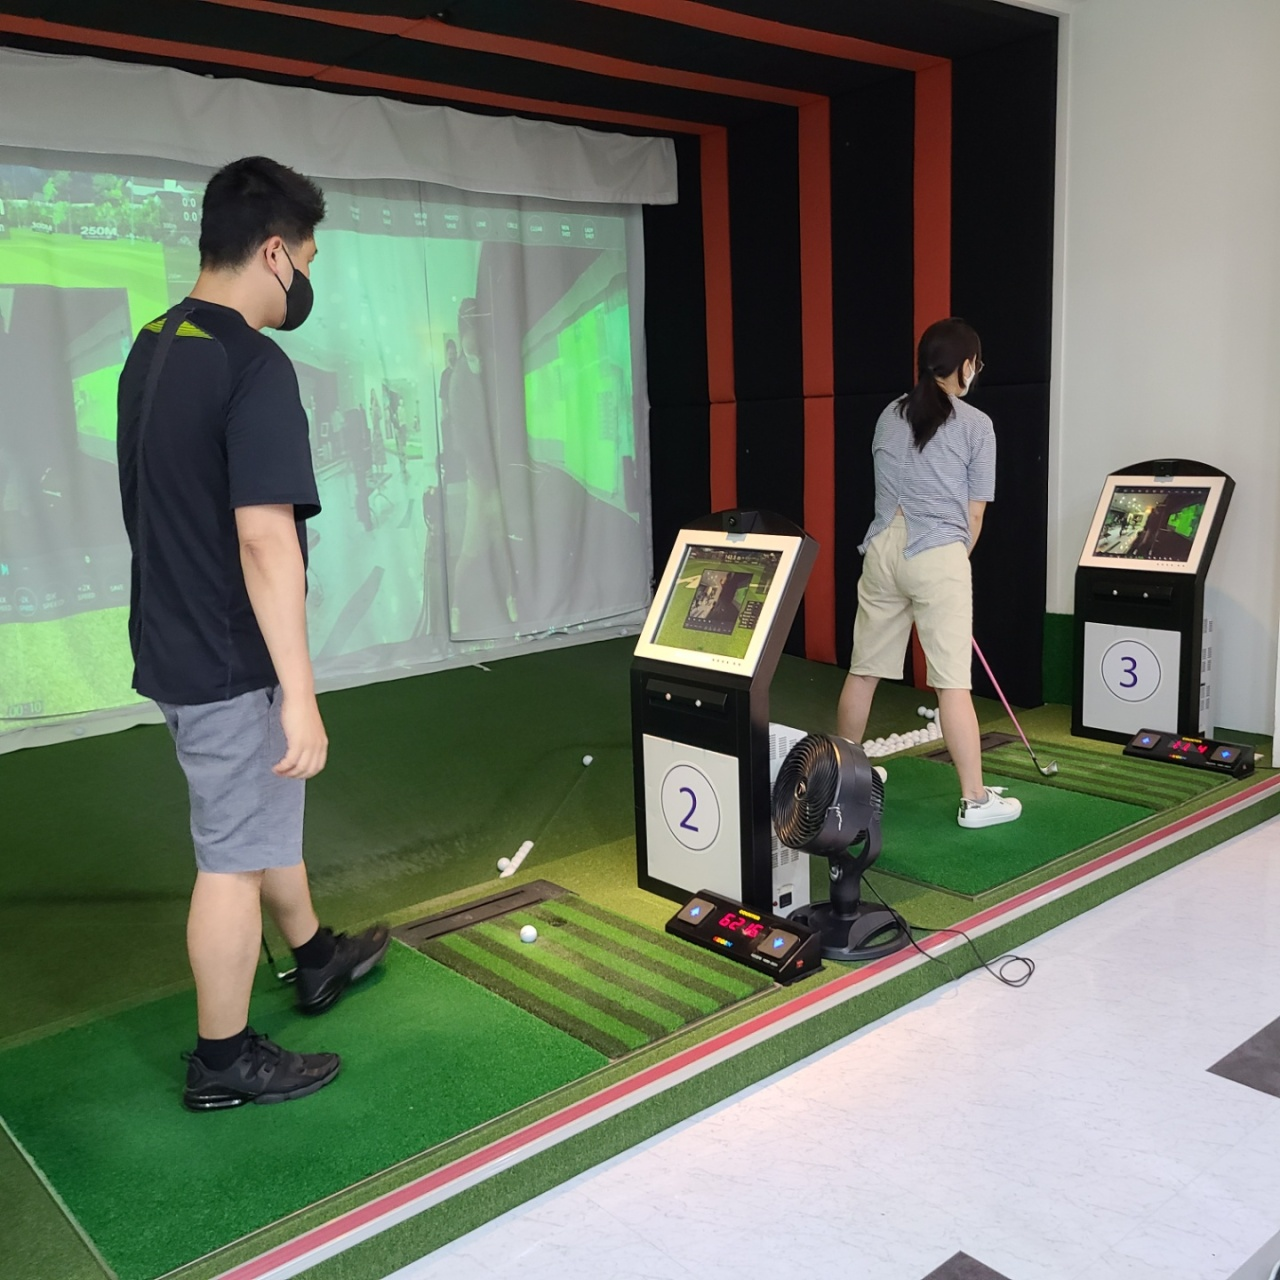 Young members practice golf after work at a screen golf facility in Bundang-gu, Gyeonggi Province. (The Korea Herald/Kang Jae-eun)